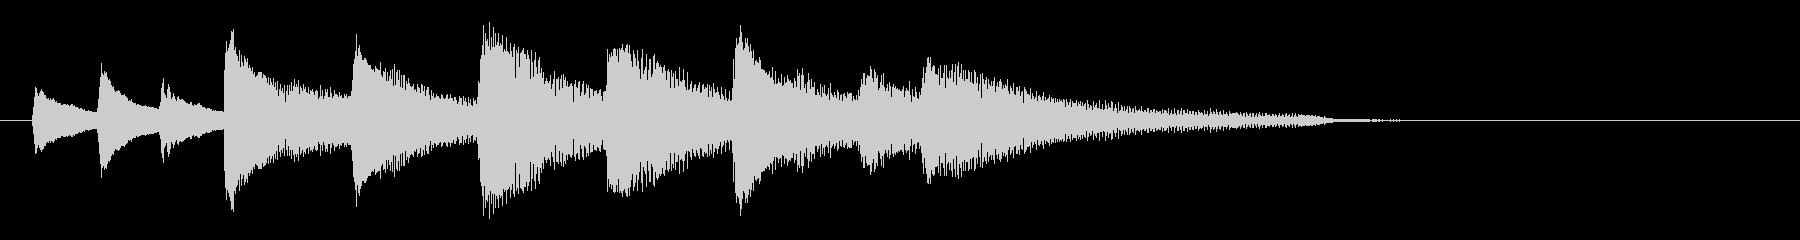 悲しく切ないピアノジングルの未再生の波形